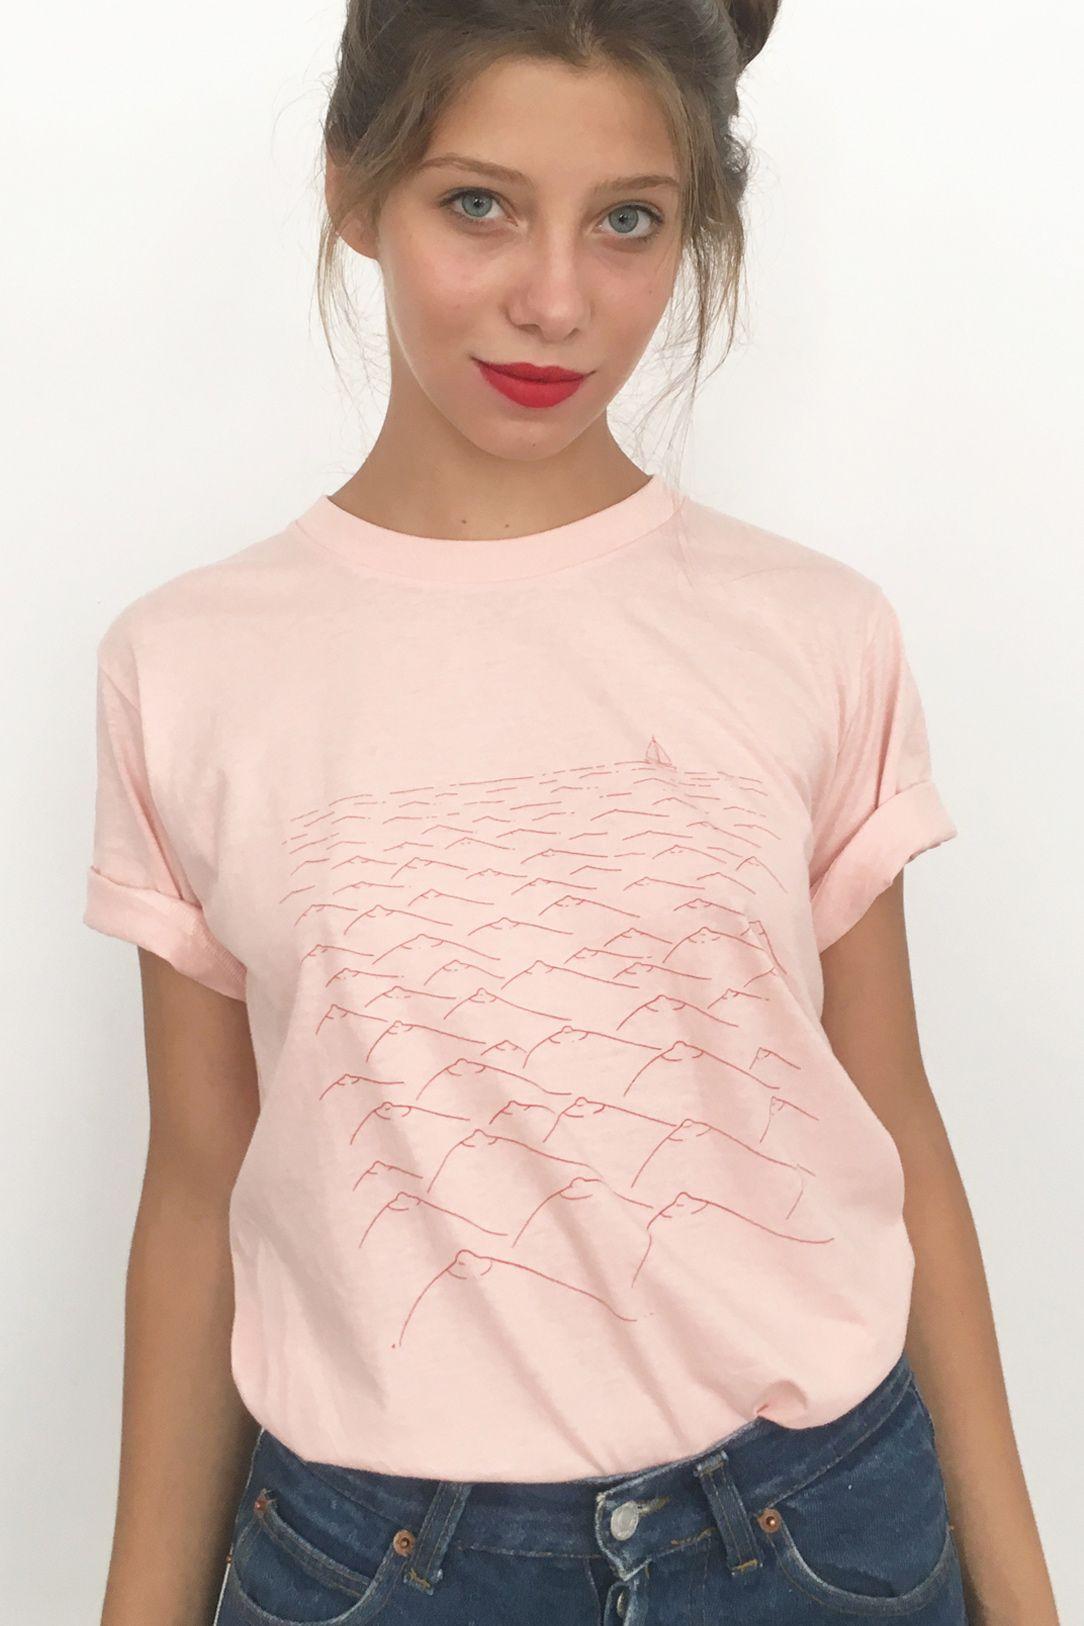 Camiteta Mar de tetas rosa / Sea Tits pink t-shirt | Pinterest ...